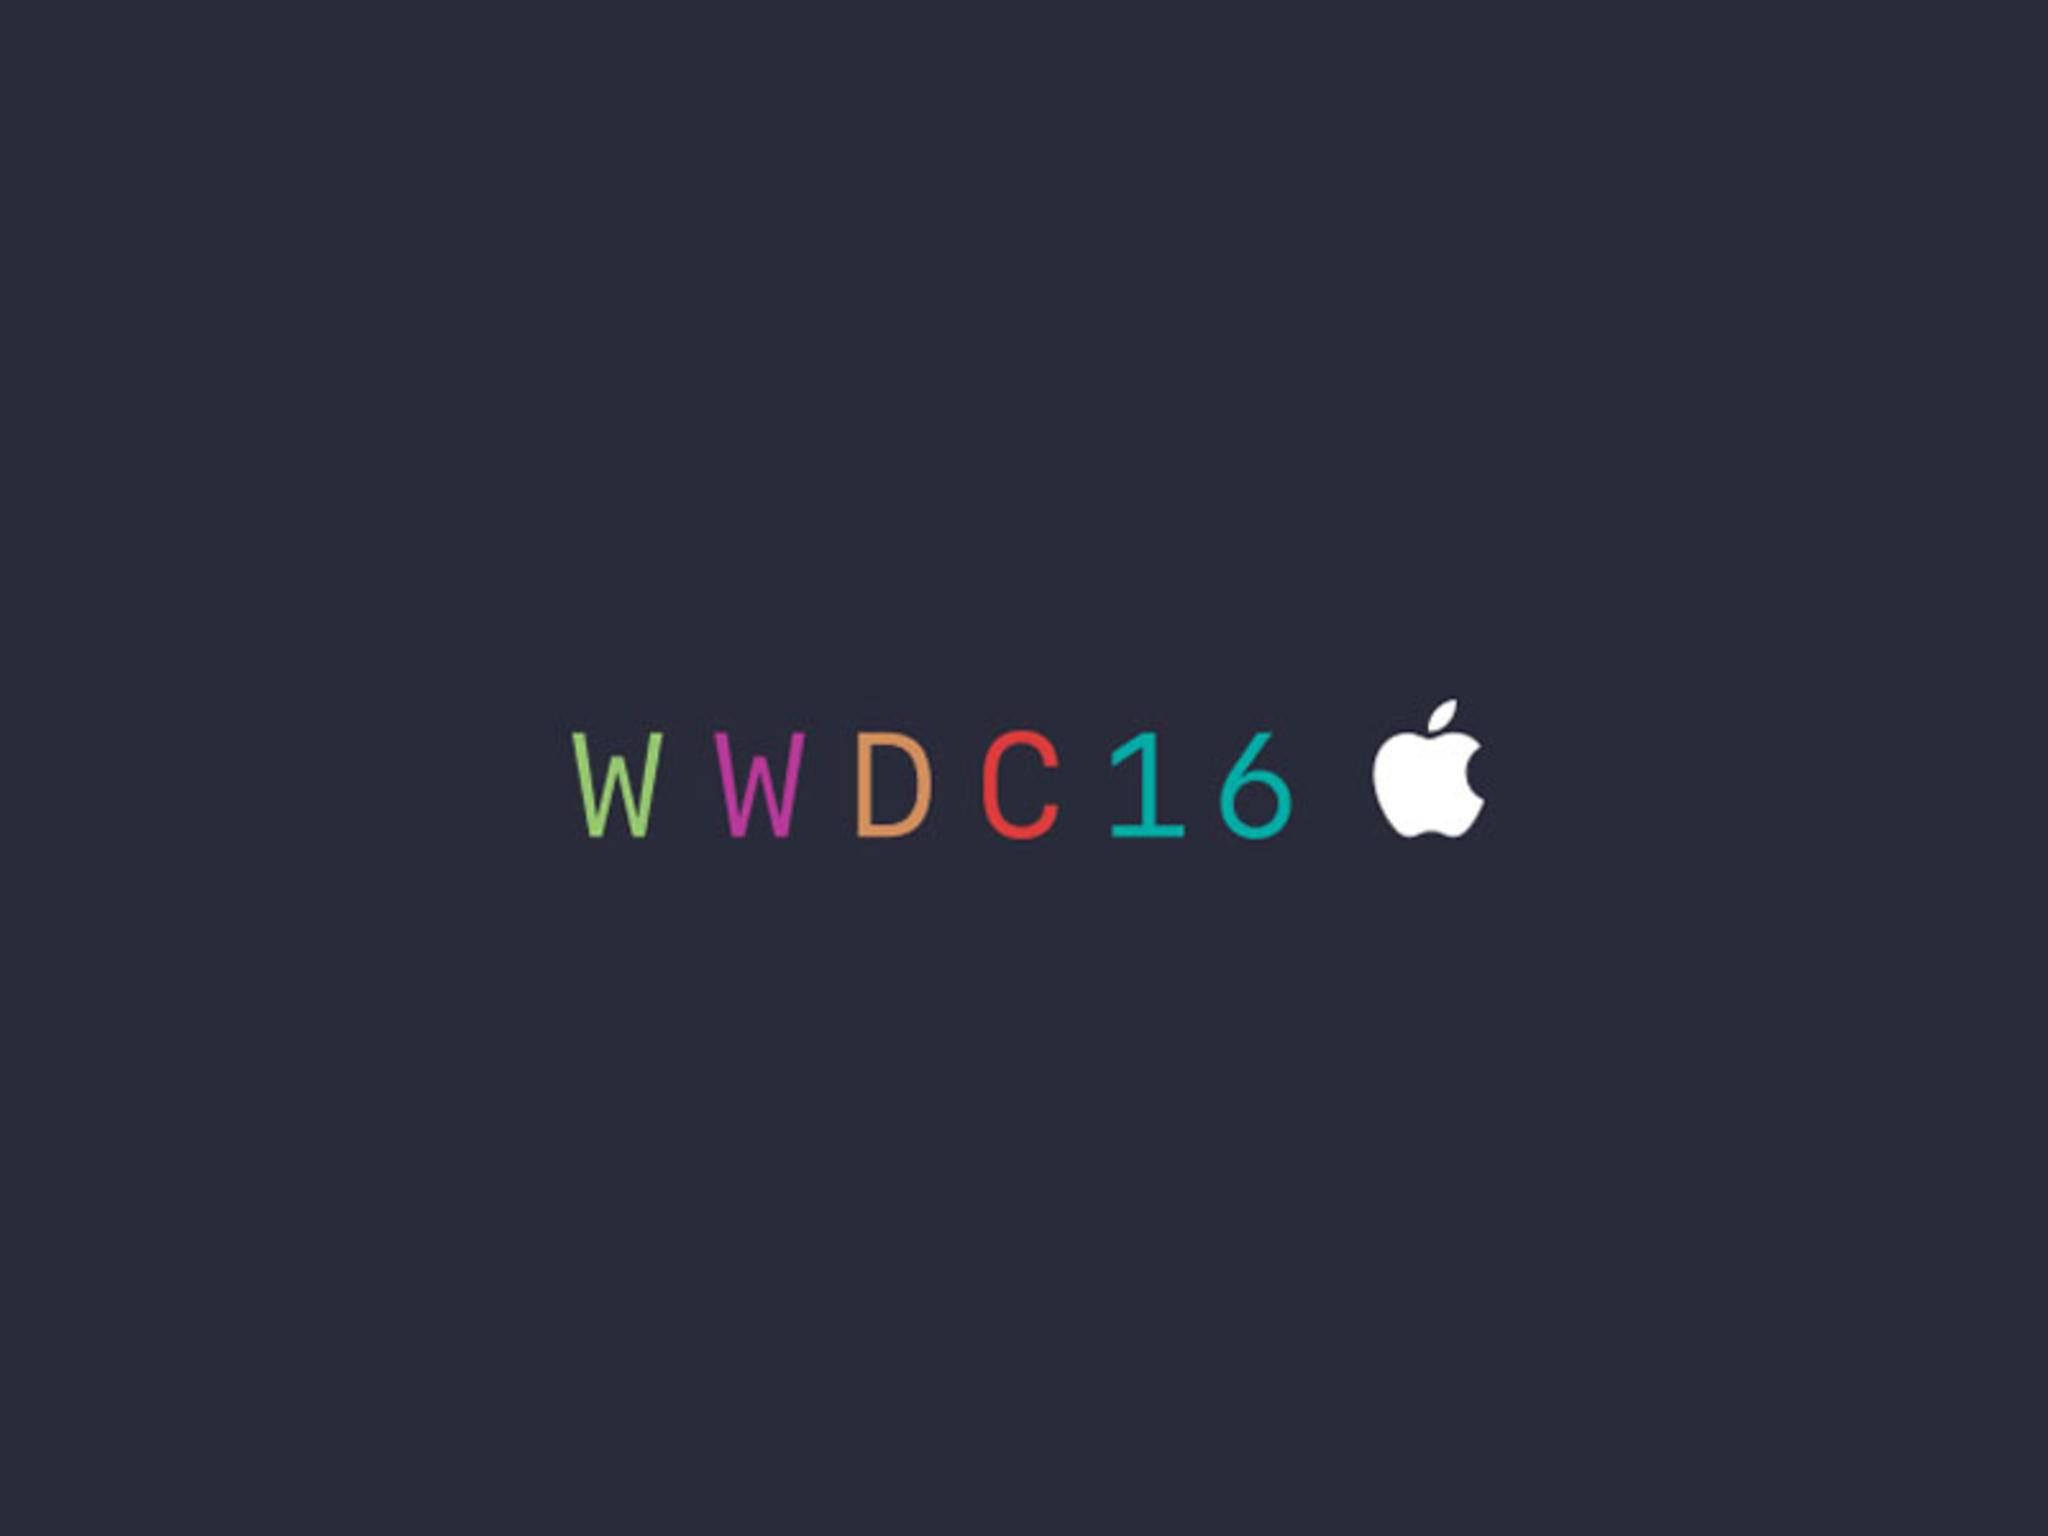 Auf der WWDC 16 wird iOS 10 im Vordergrund stehen.